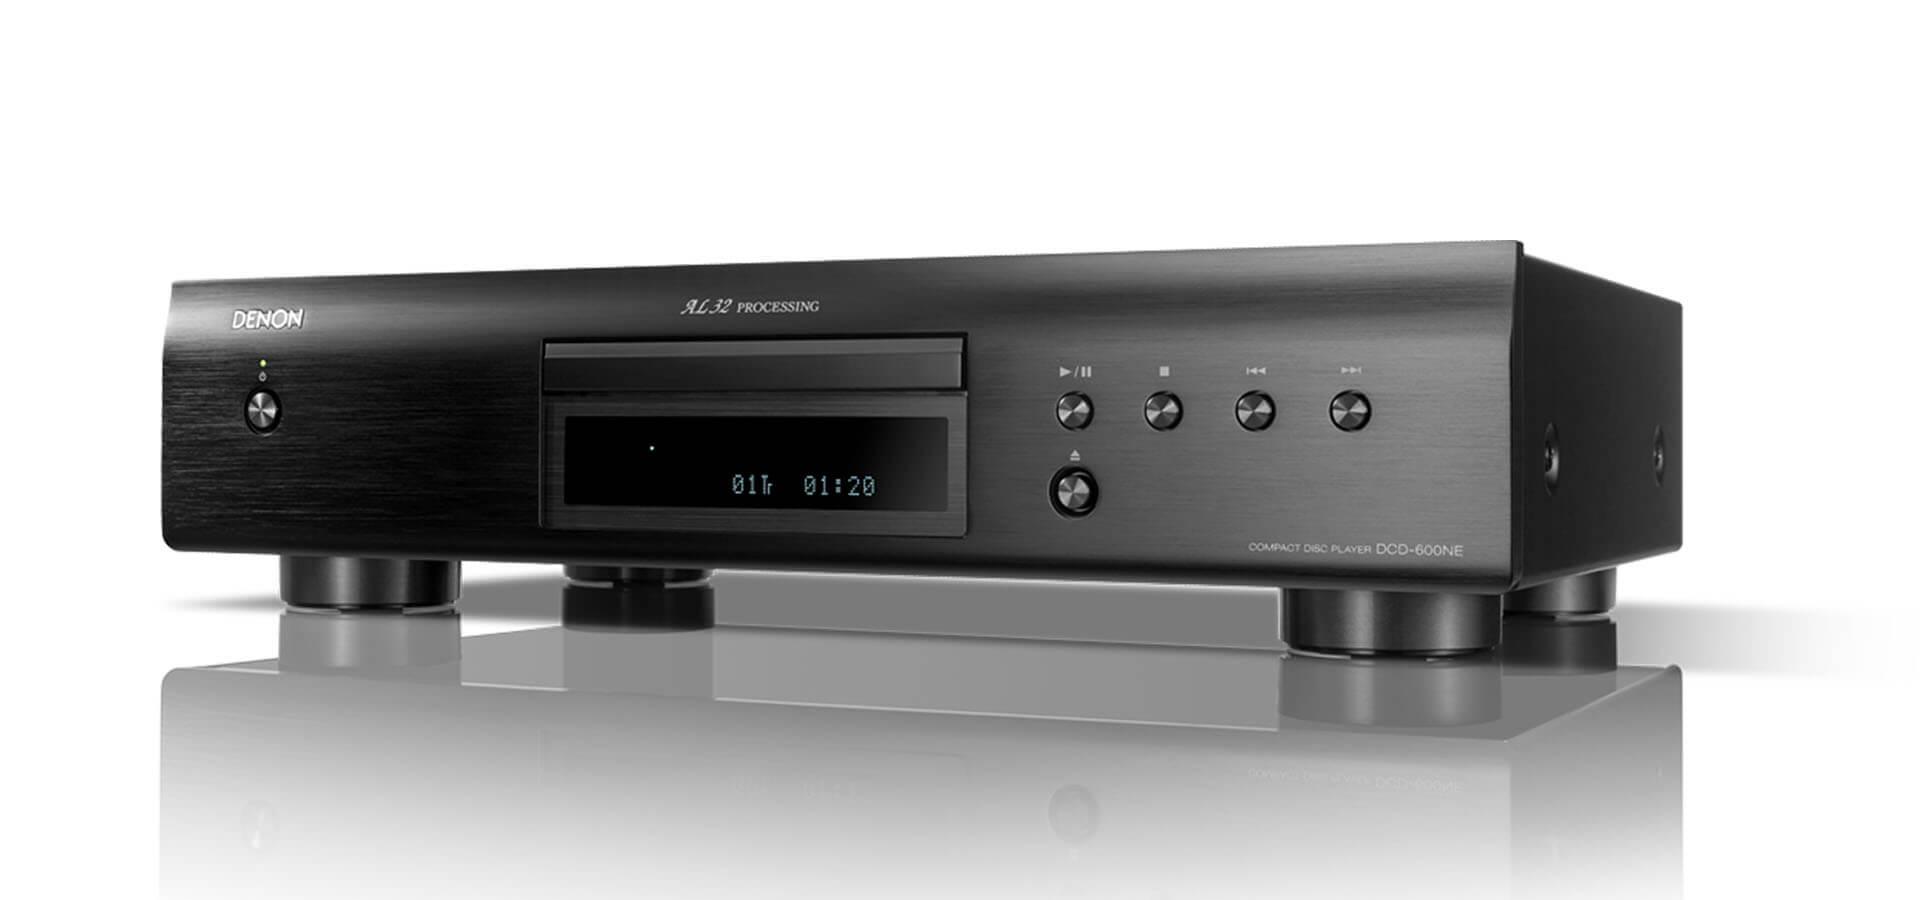 Denon cd speler DCD-600NE zwart